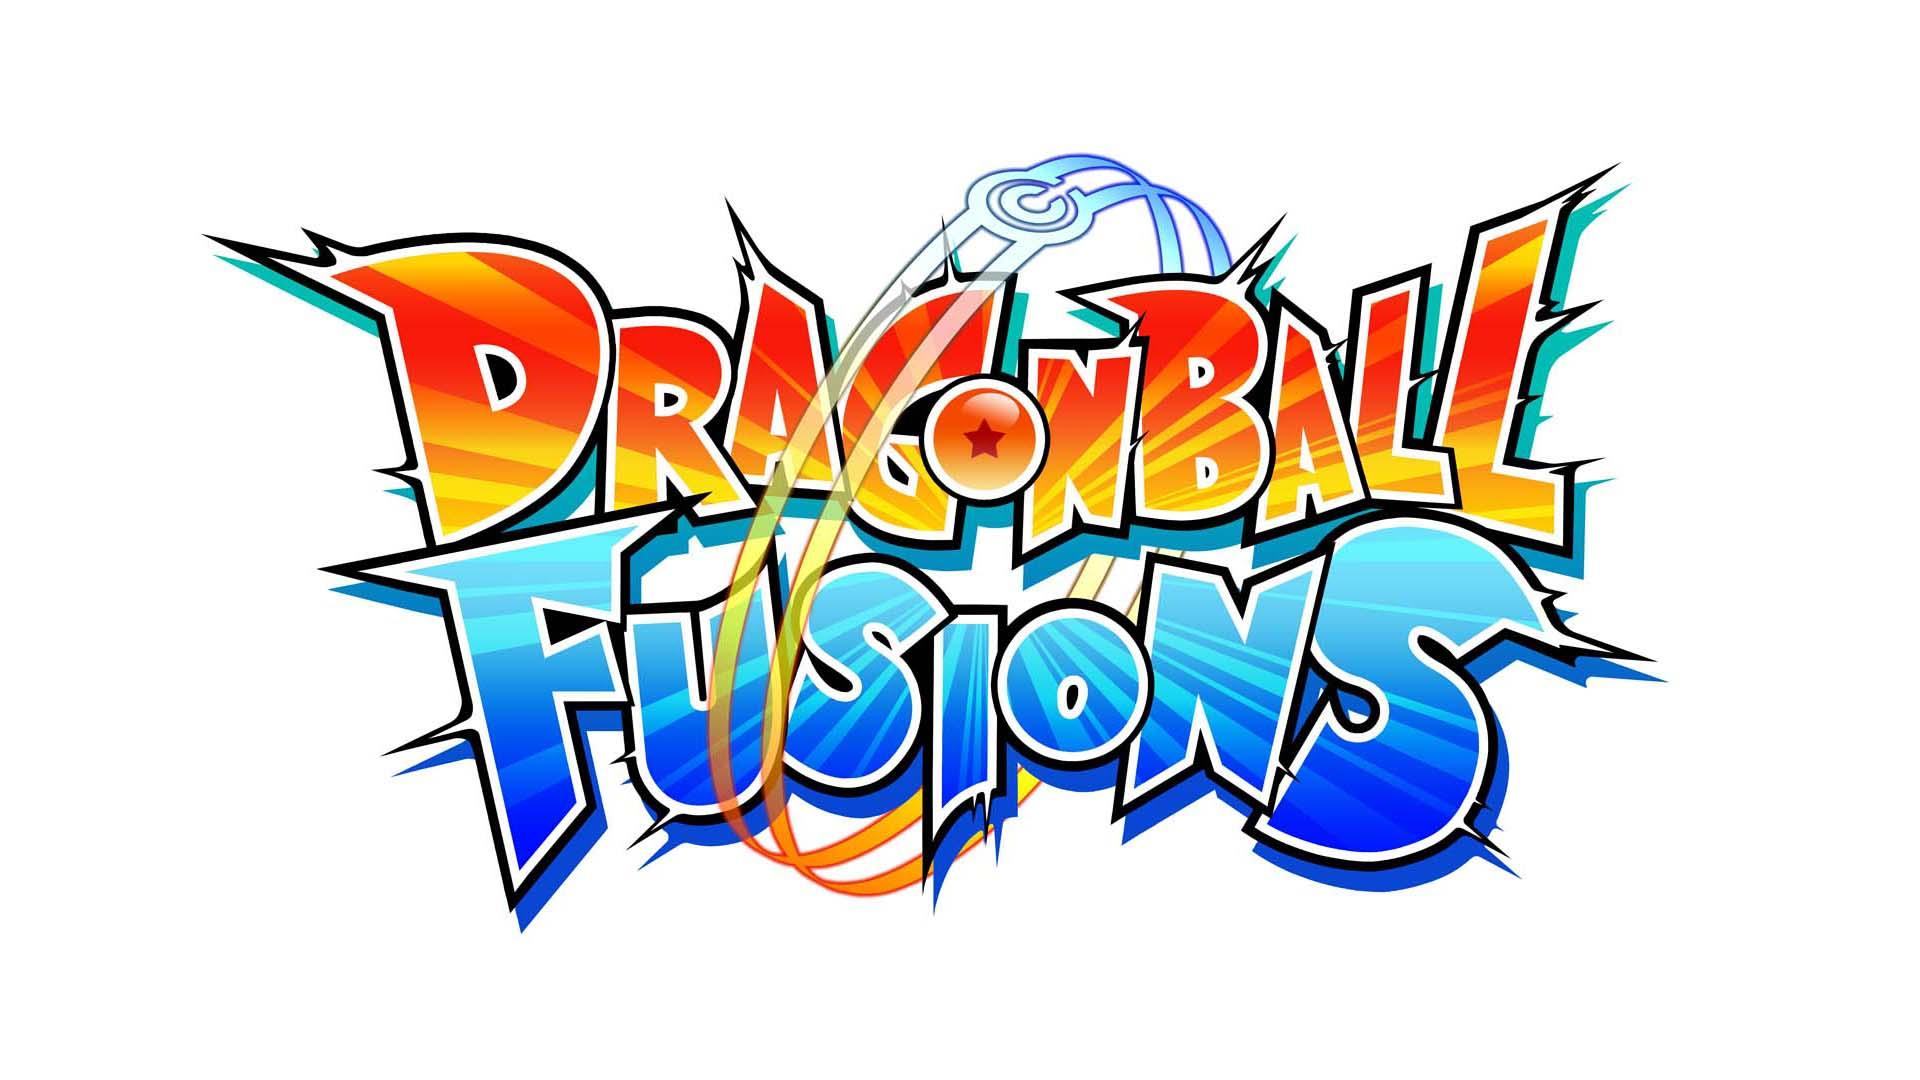 Dragon_Ball_Fusions_-_EU_logo_1474375542_1